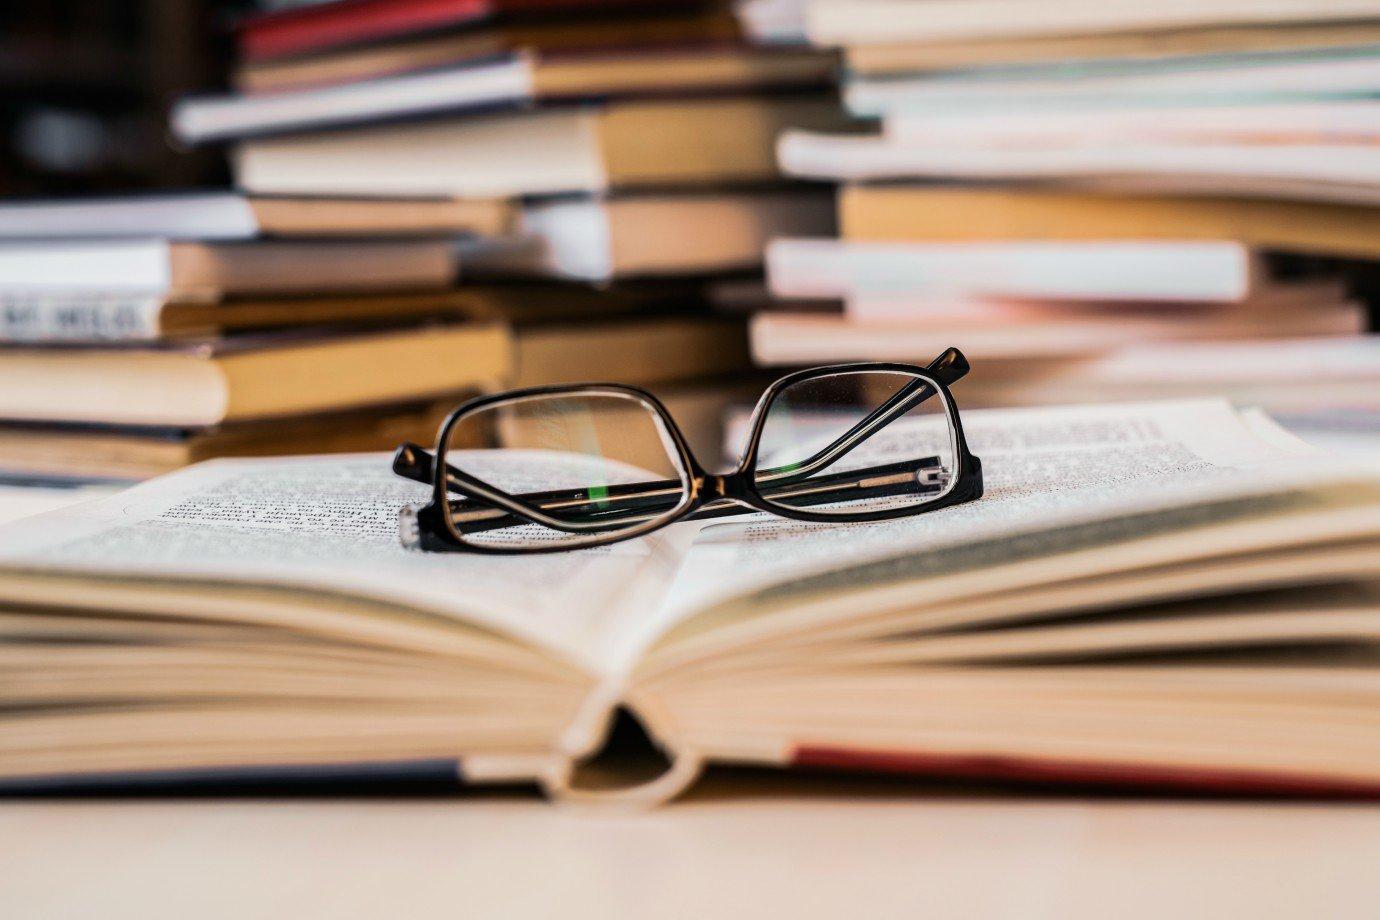 Livros: veja concursos públicos com inscrições abertas